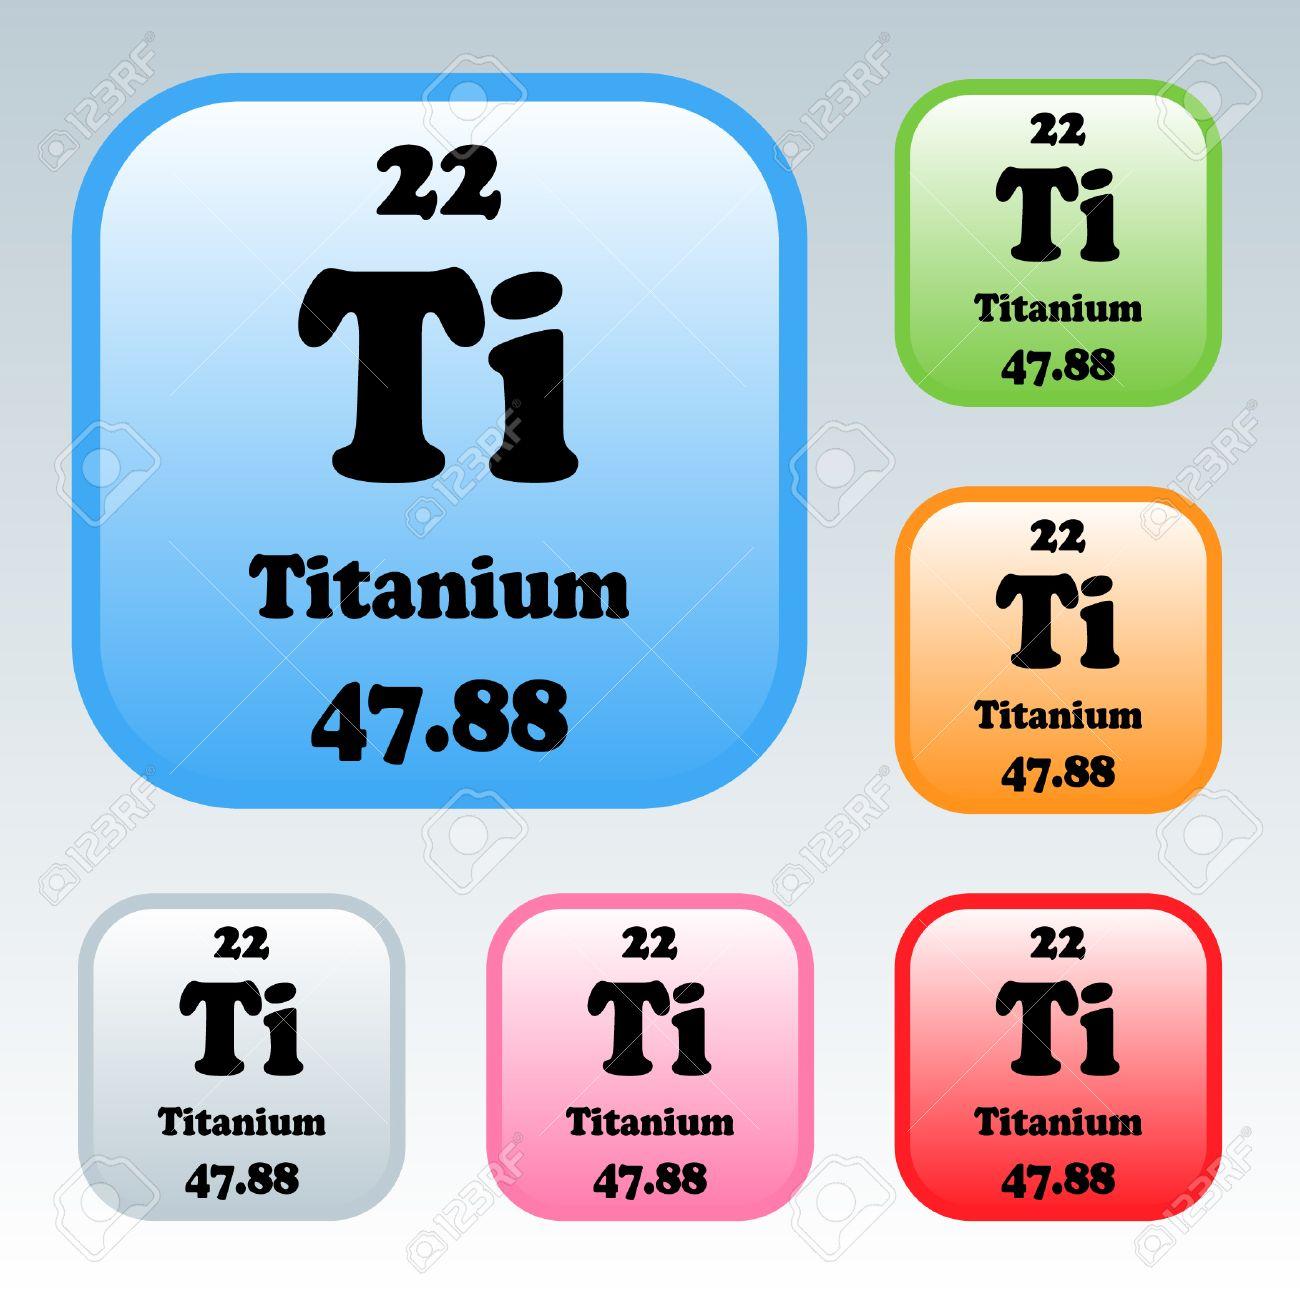 La tabla peridica de los elementos de titanio ilustraciones foto de archivo la tabla peridica de los elementos de titanio urtaz Choice Image